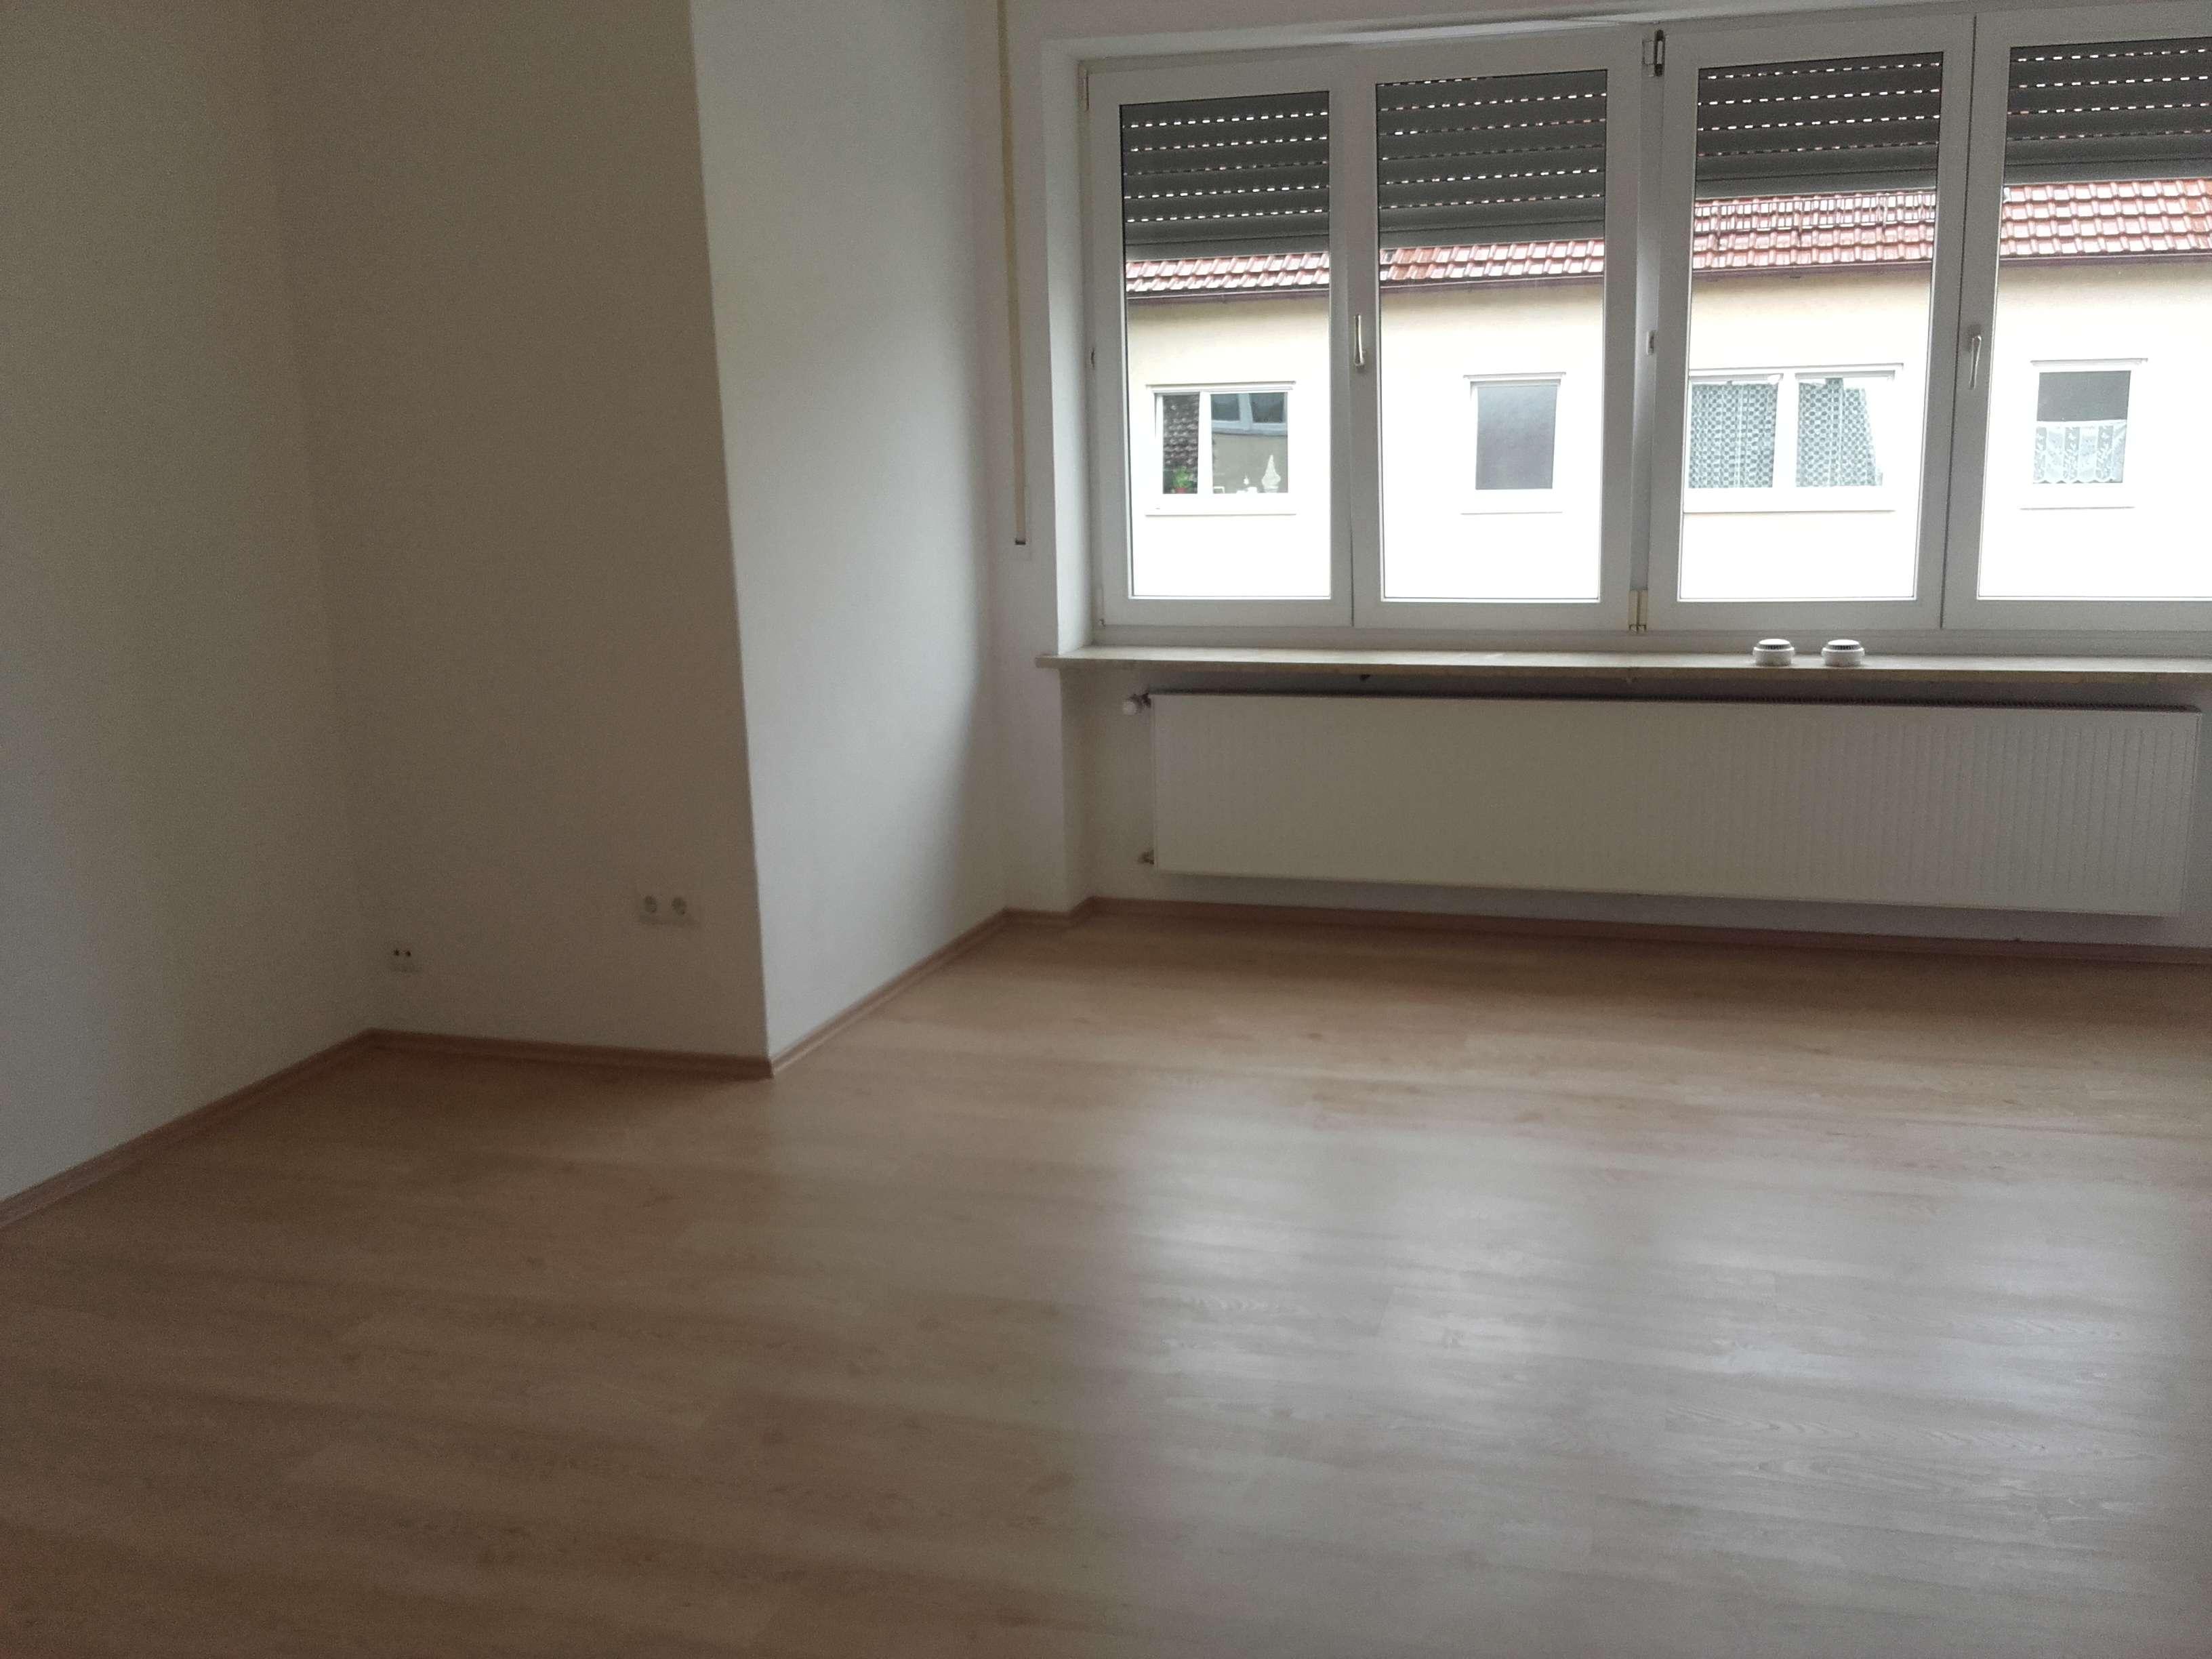 komplett renovierte 1-Zimmer Wohnung in Augsburg/Kriegshaber Trendelstraße langfristig zu vermieten in Kriegshaber (Augsburg)